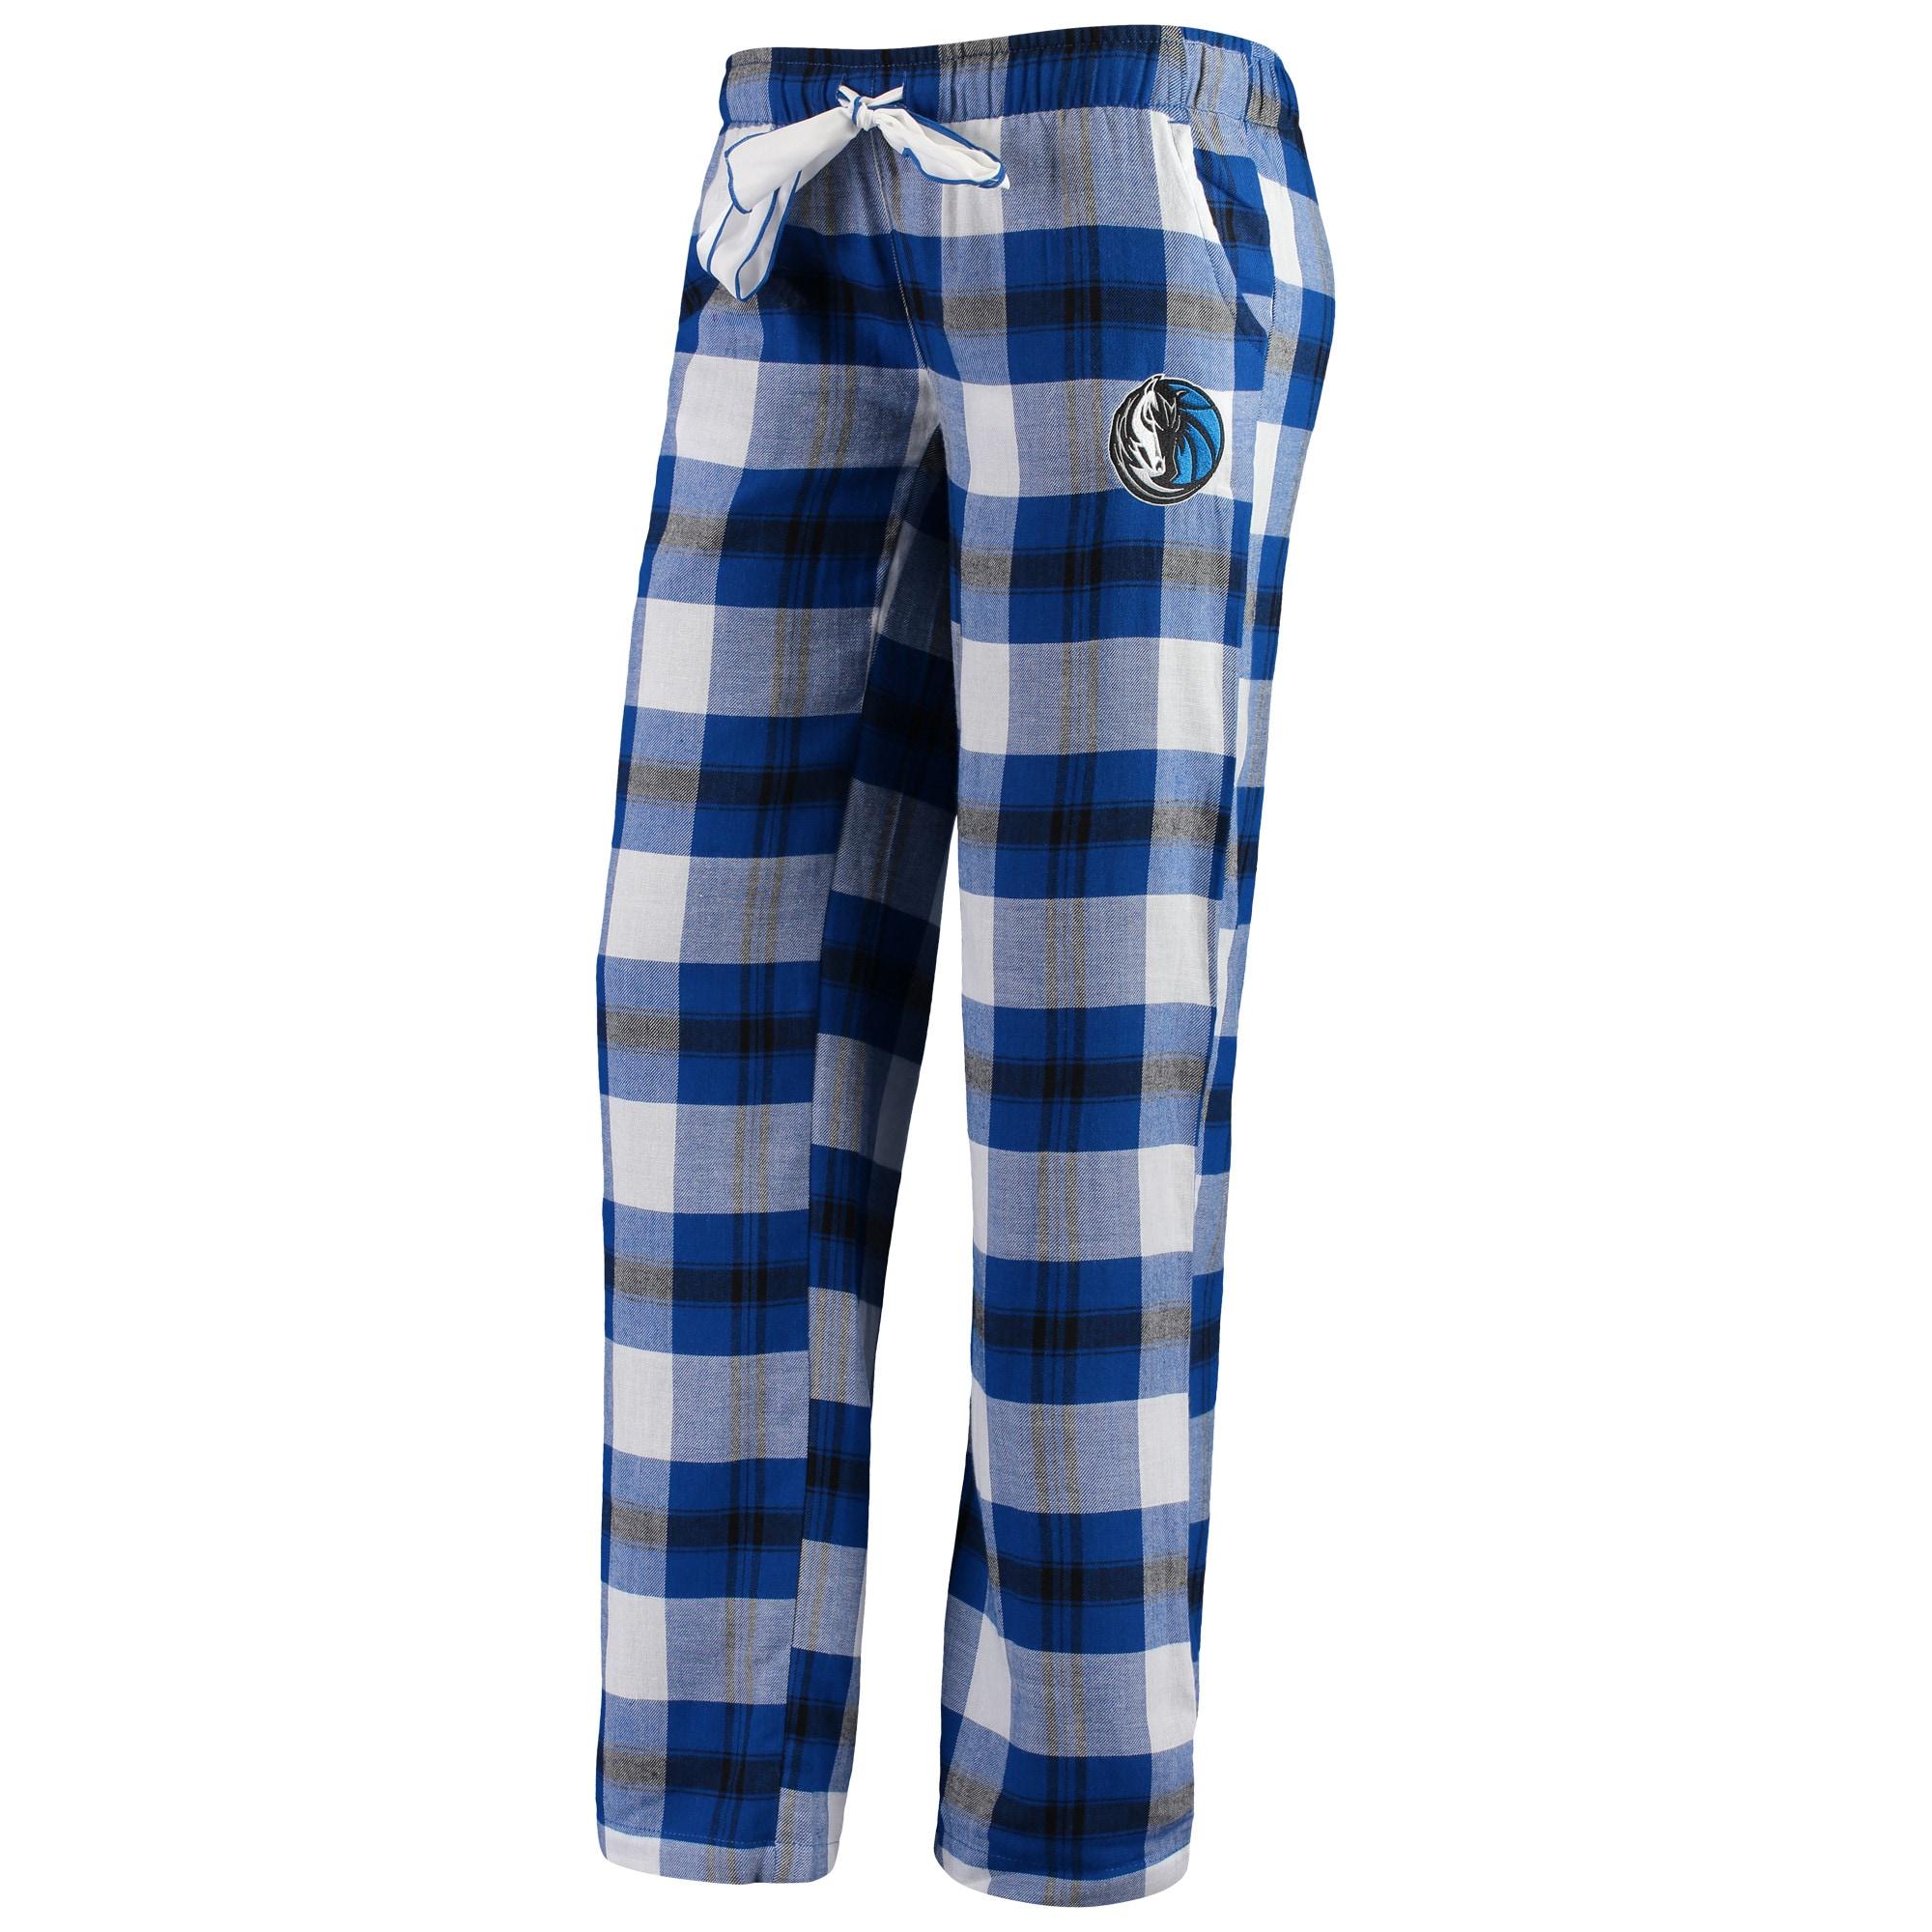 Dallas Mavericks Concepts Sport Women's Headway Flannel Pants - Blue/Black